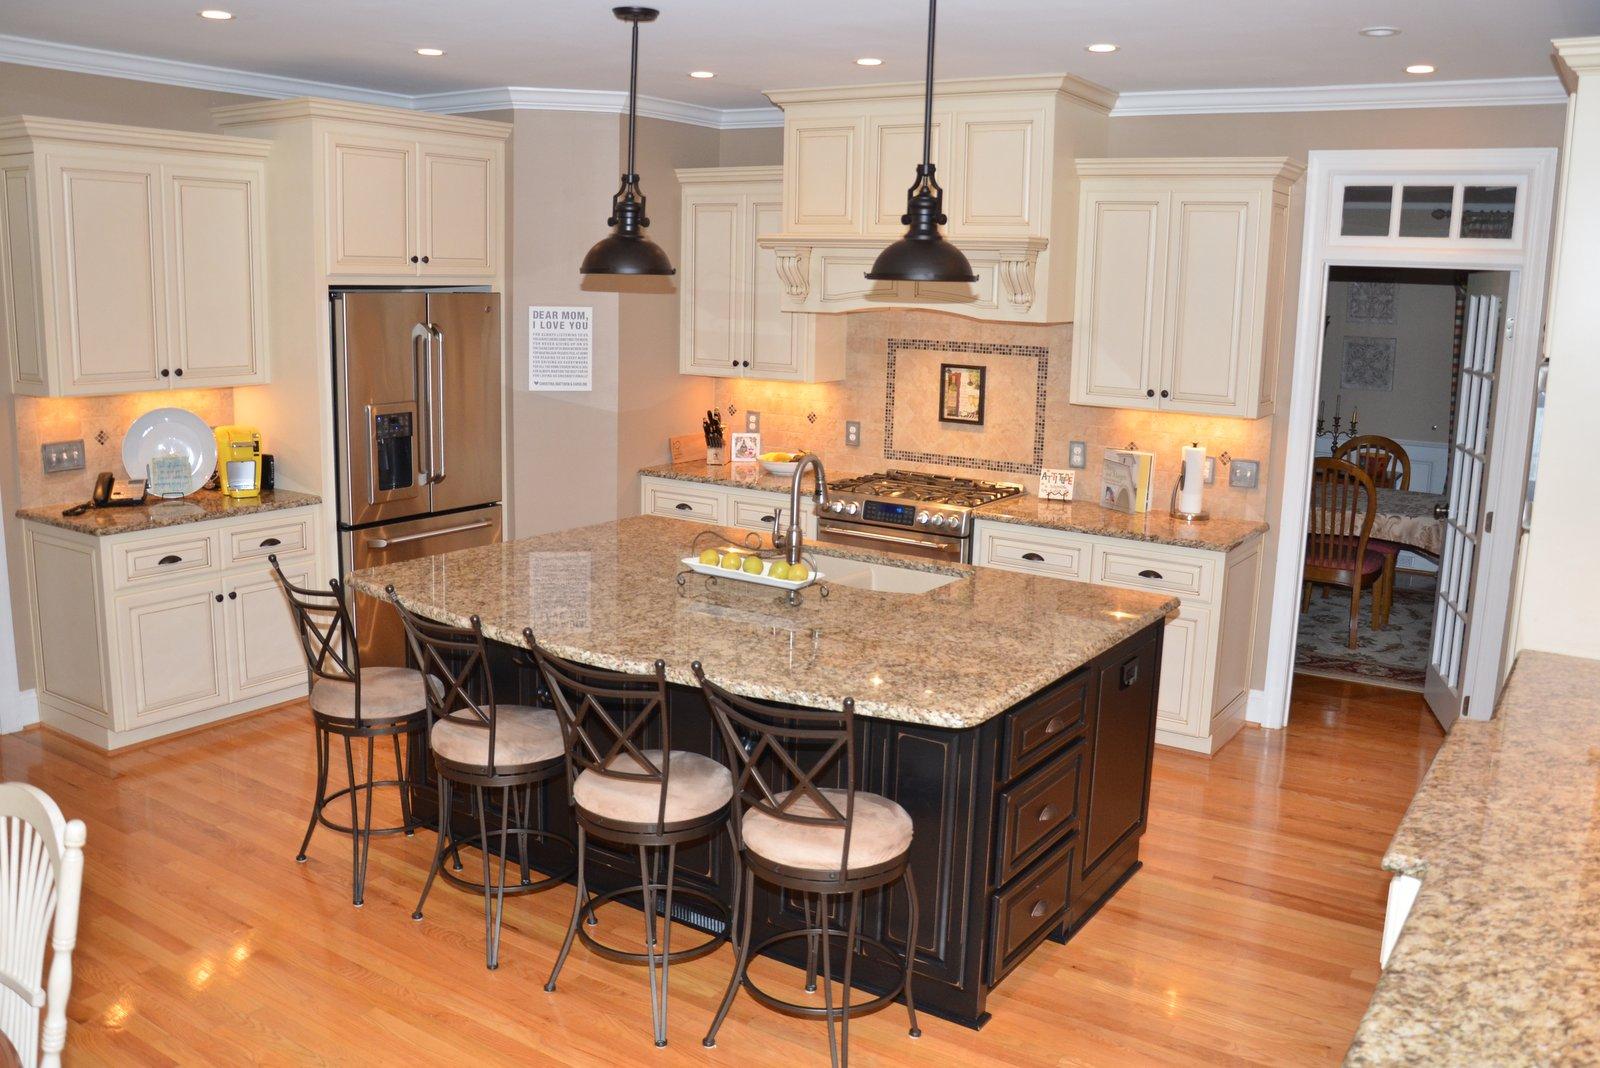 Kitchen remodeling pictures trendmark inc for Bathroom remodel under 10000